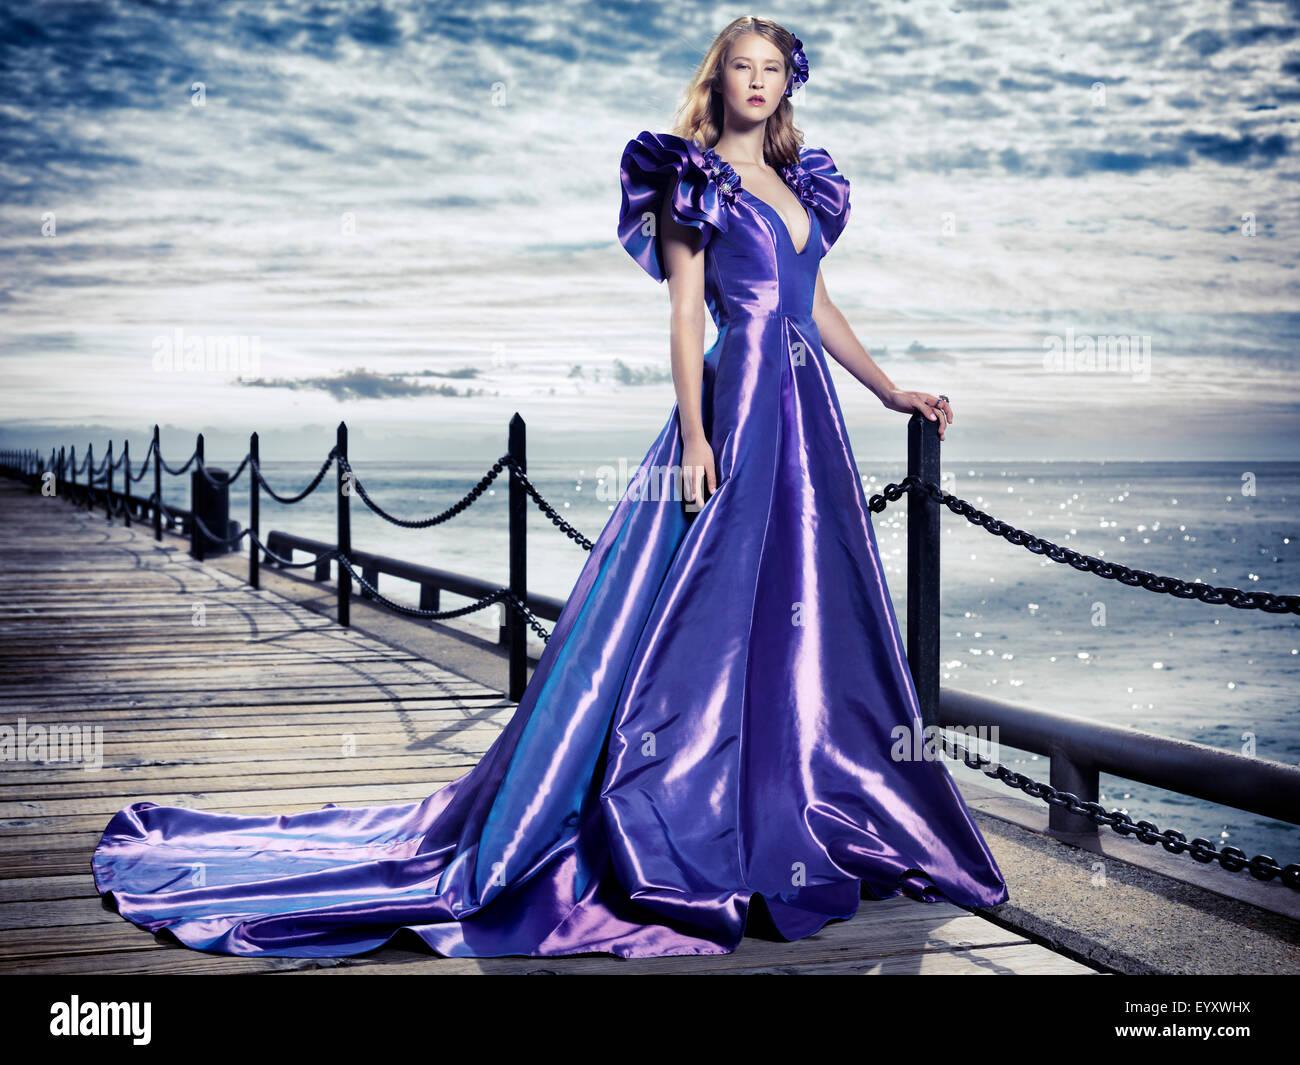 Jeune femme portant une belle et longue robe de soirée bleu debout à bord de l'eau, fashion portrait Photo Stock